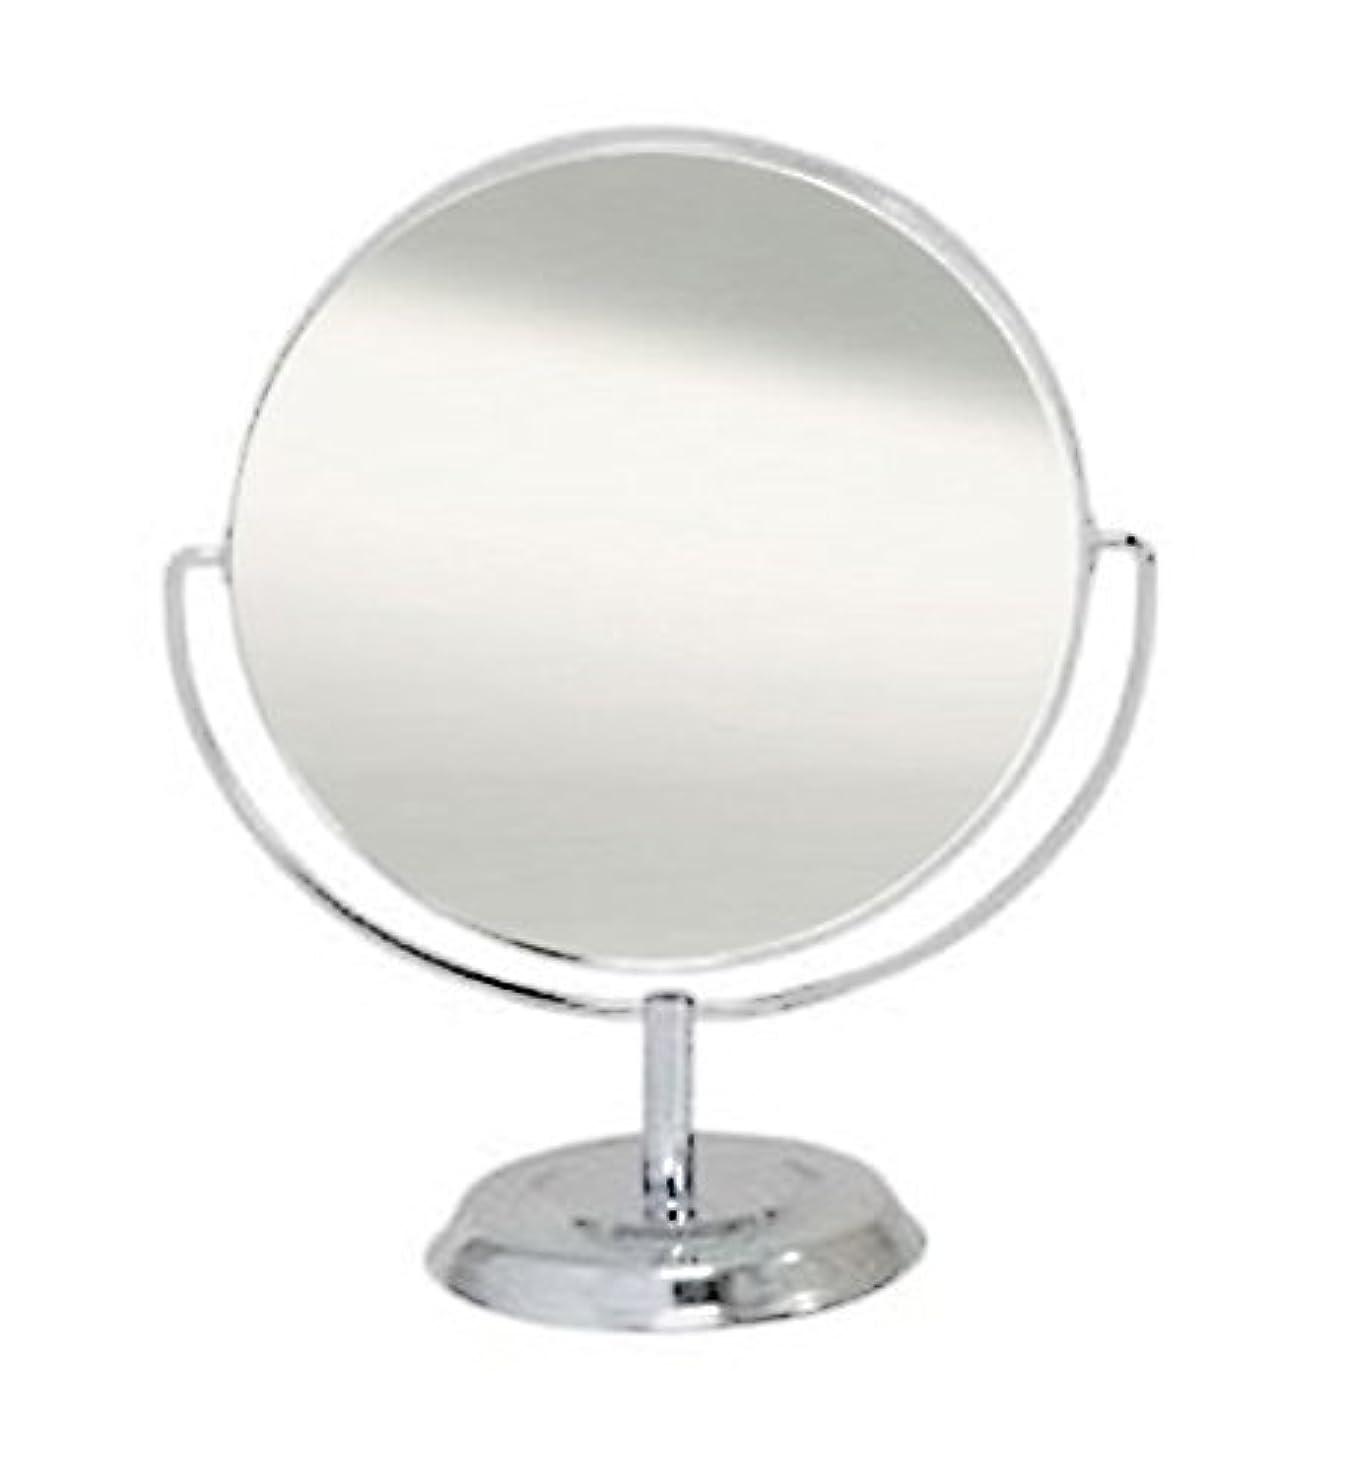 追加選出するシリング鏡 卓上ミラー 丸型 両面 拡大鏡約2倍付 No.5860 シルバー